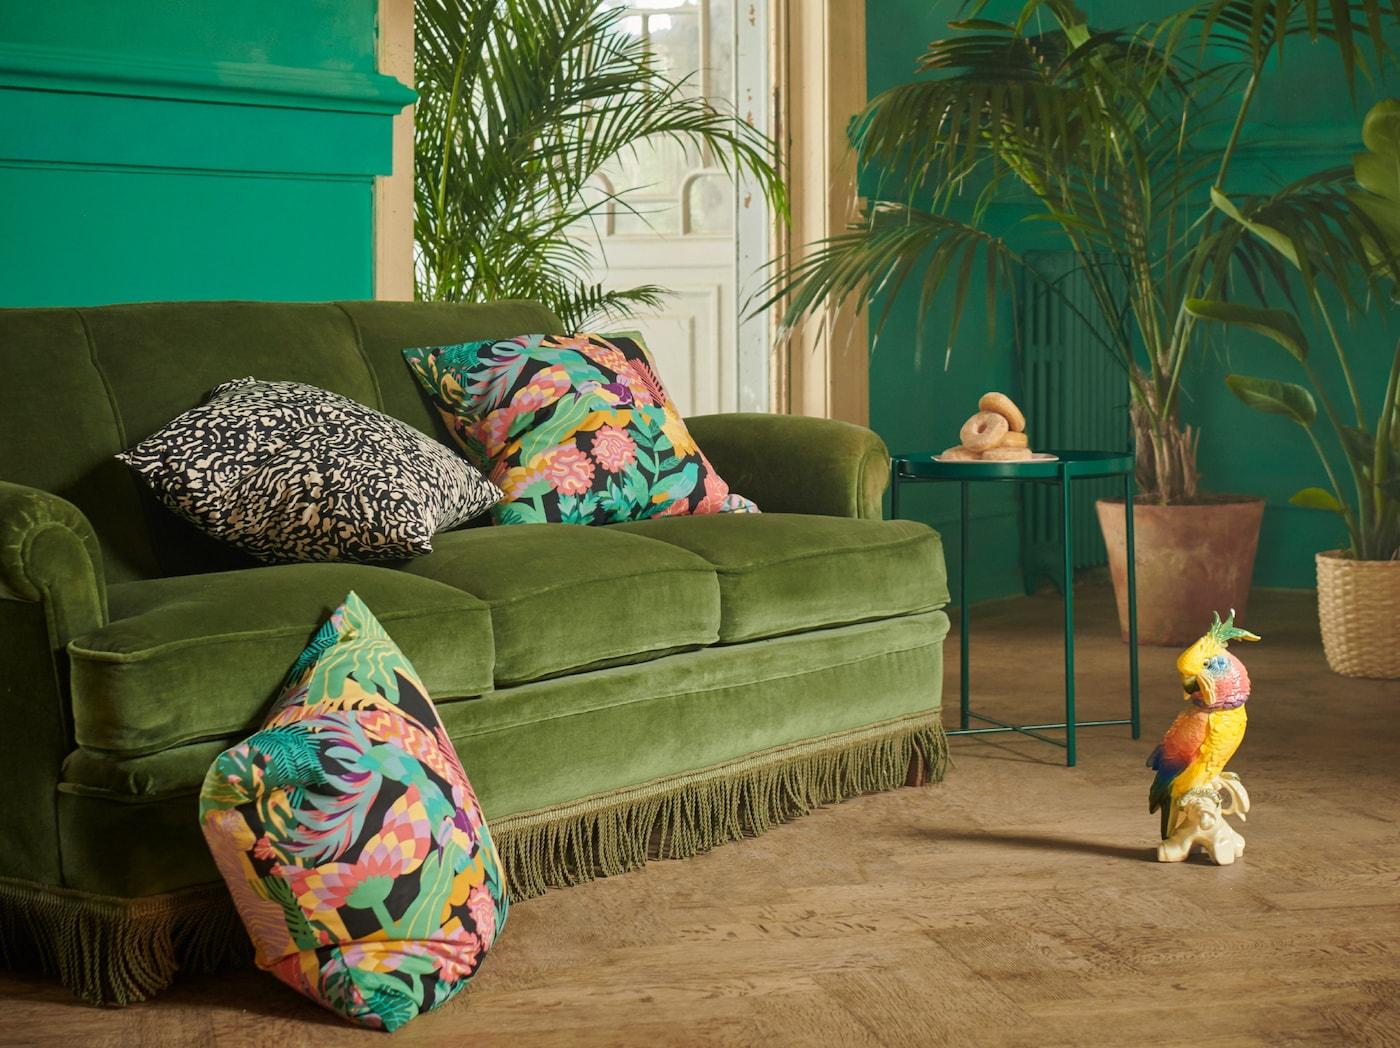 أغطية الوسائد NÄBBFLY و GRIMHILD بنقوش استثنائية، موضوعة على كنبة من المخمل الأخضر في غرفة كبيرة بها نباتات.